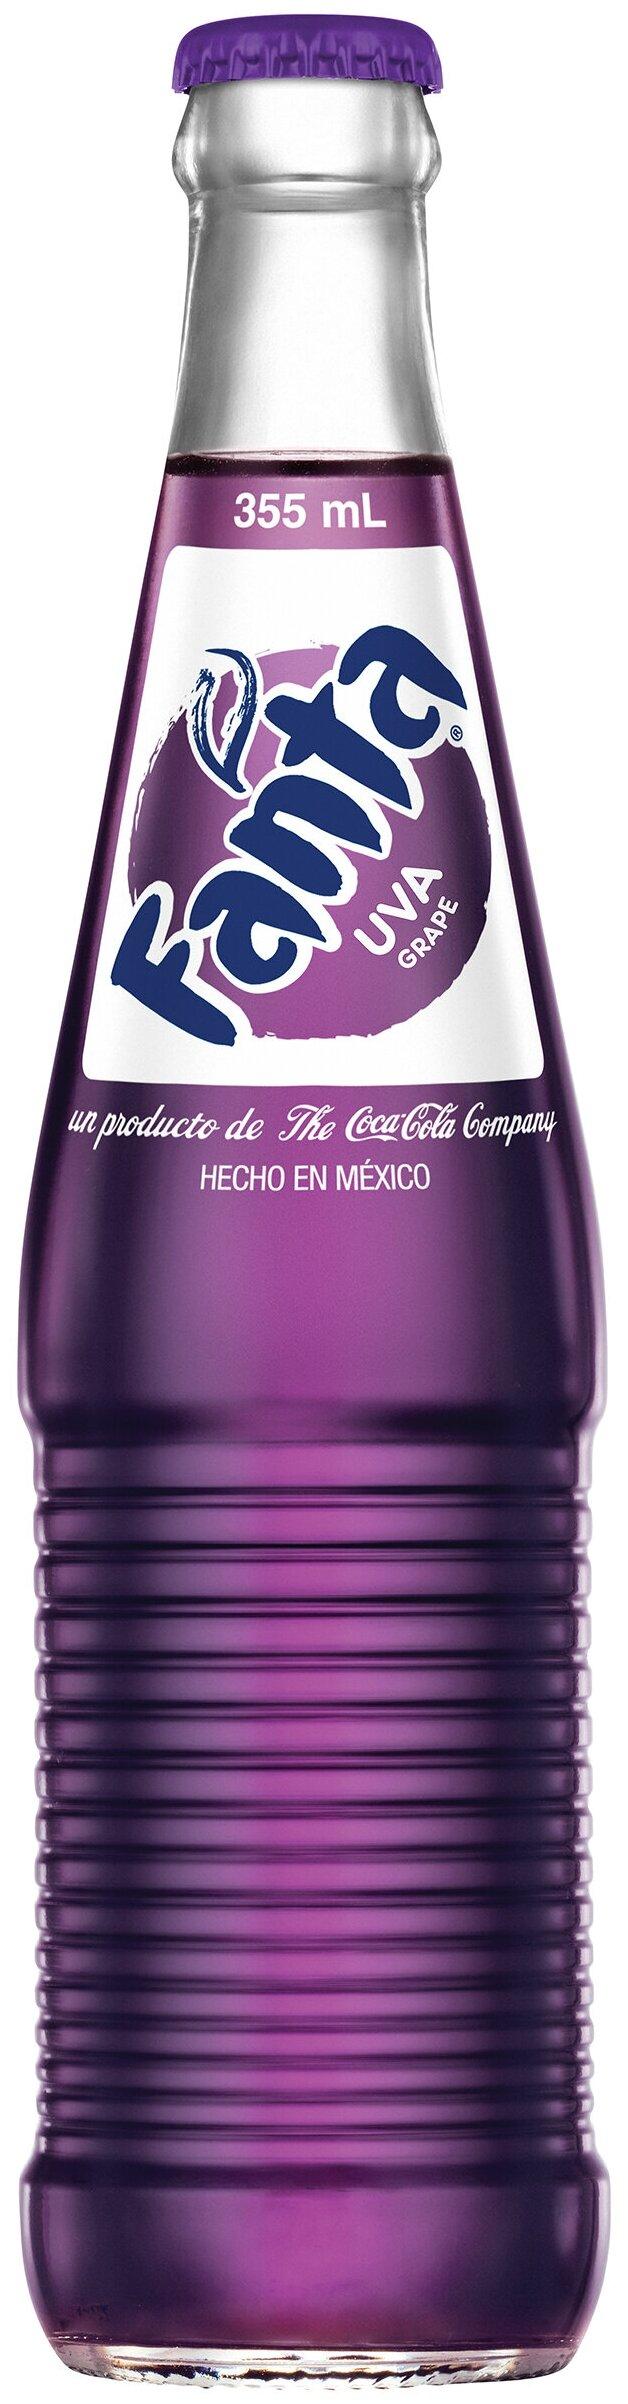 Газированный напиток Fanta Grape, Мексика — купить по выгодной цене на Яндекс.Маркете